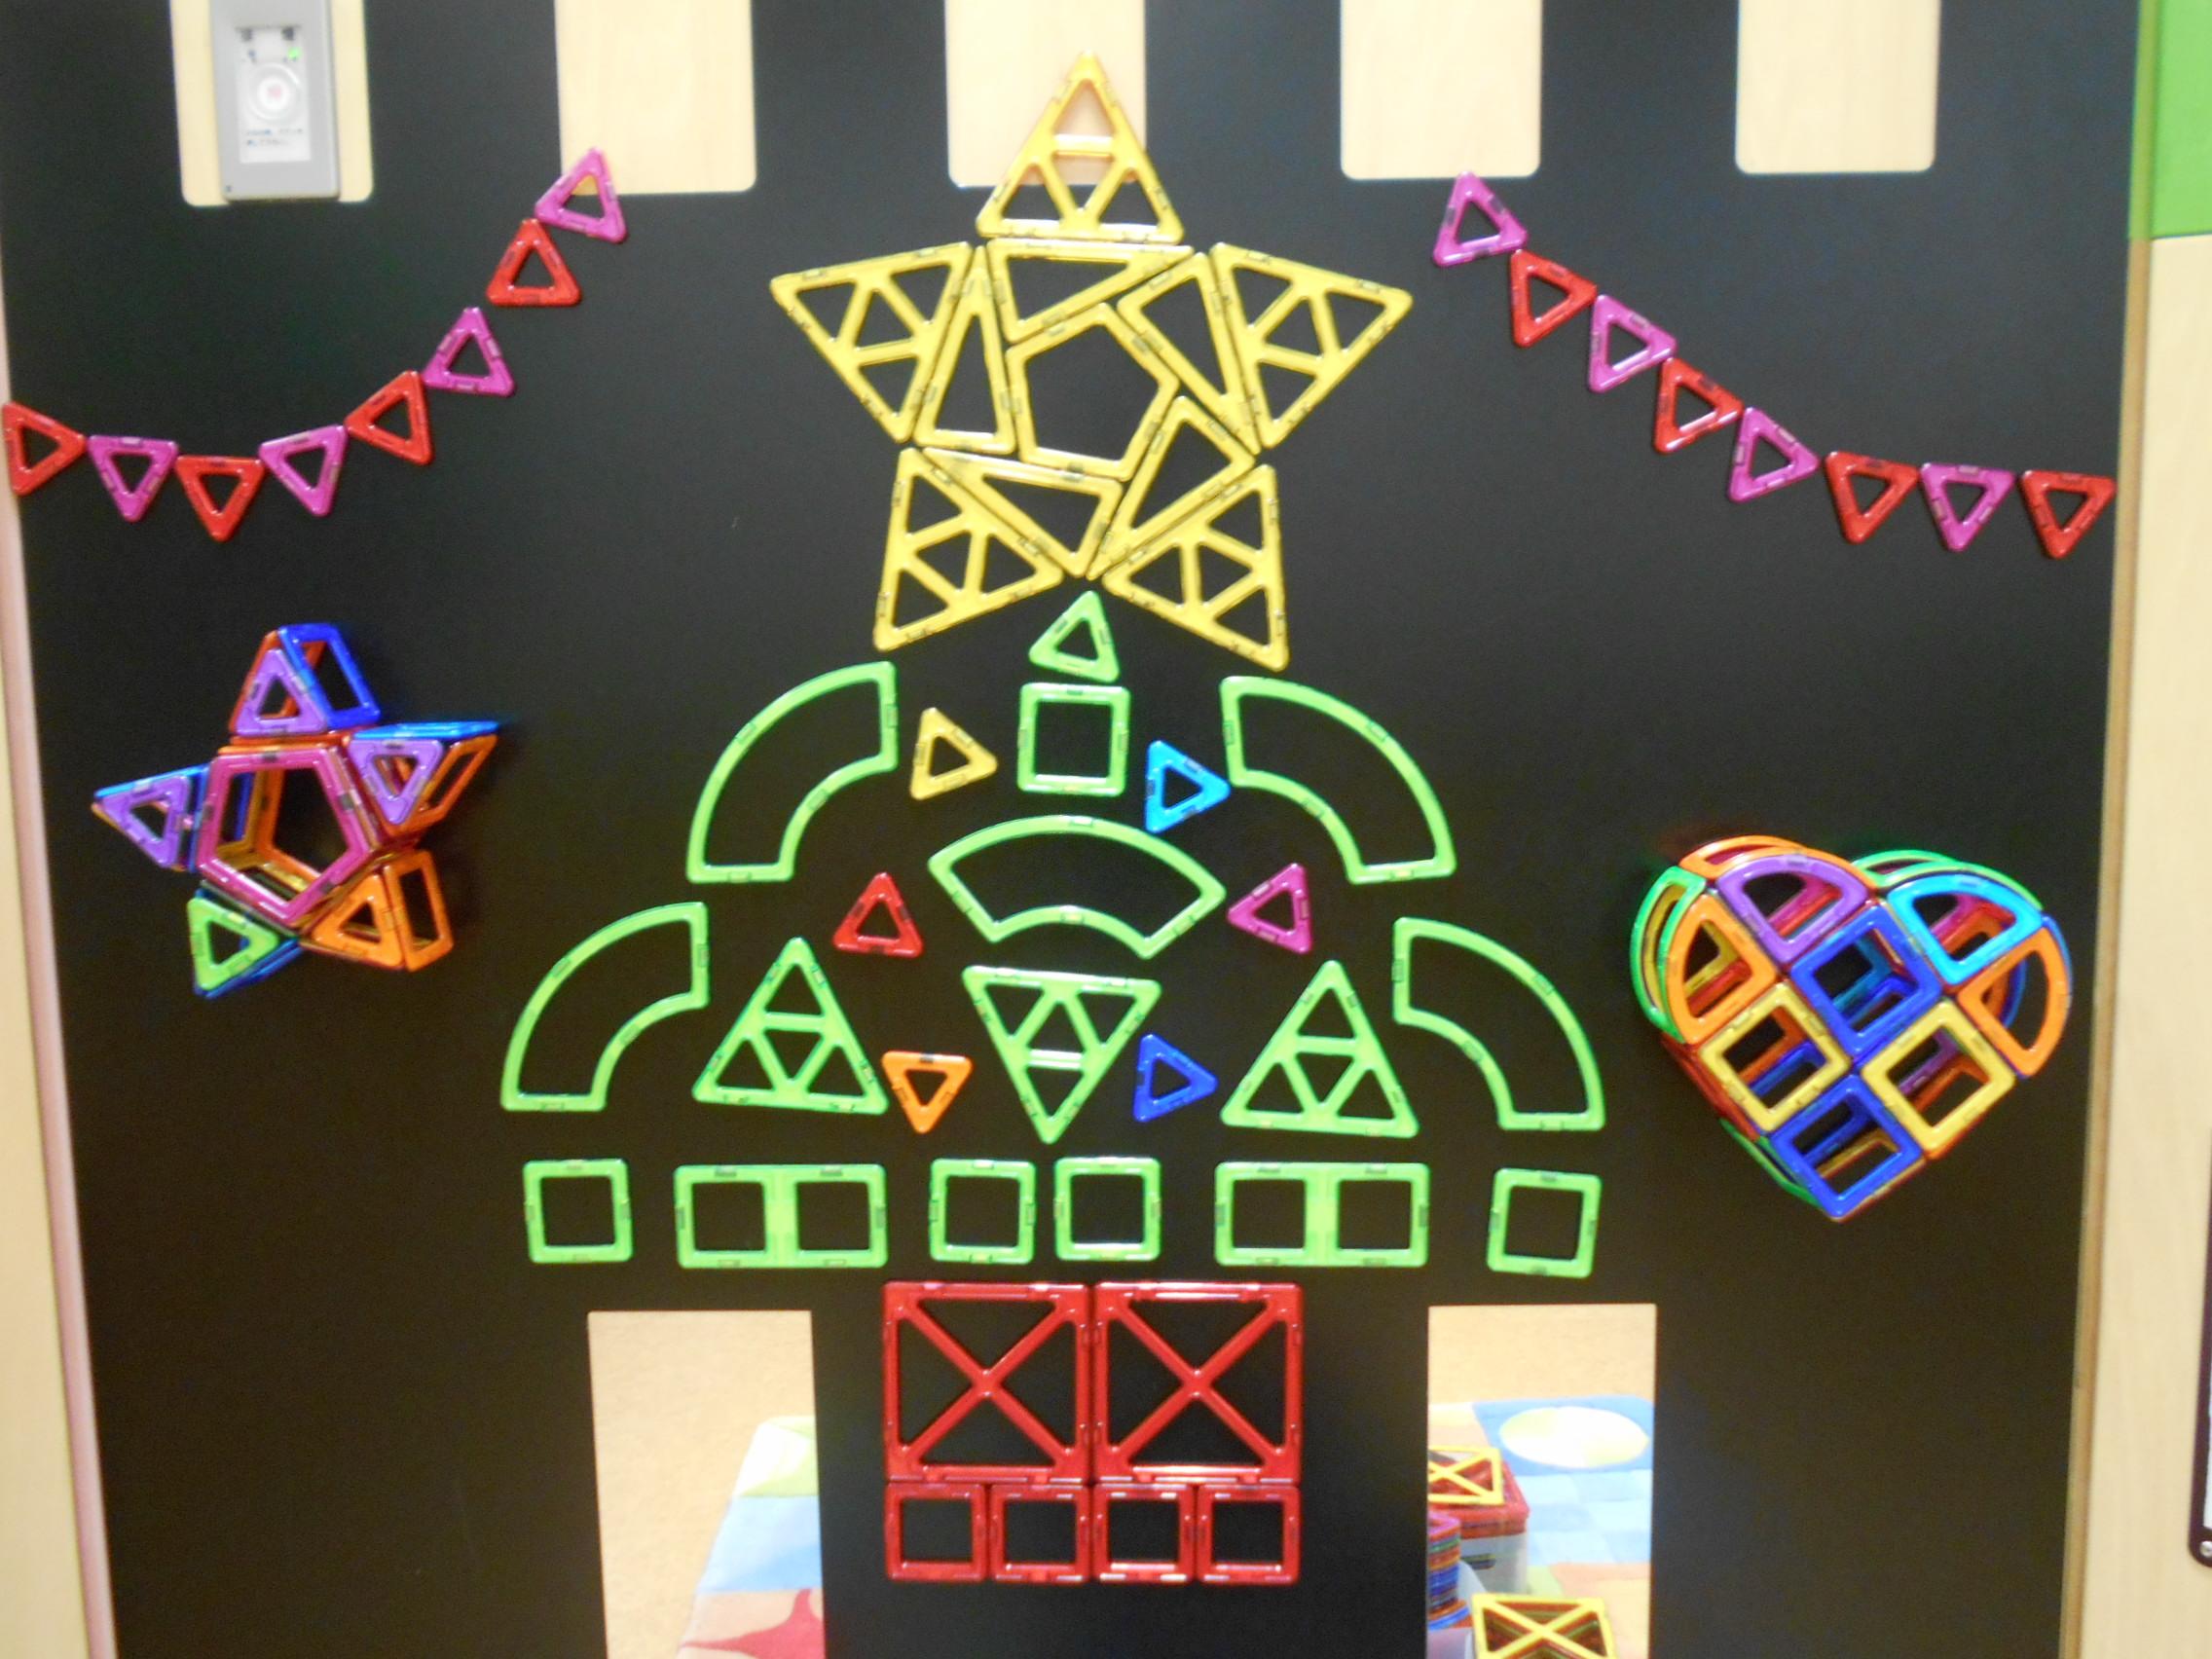 クリスマス4daysイベント開催!!